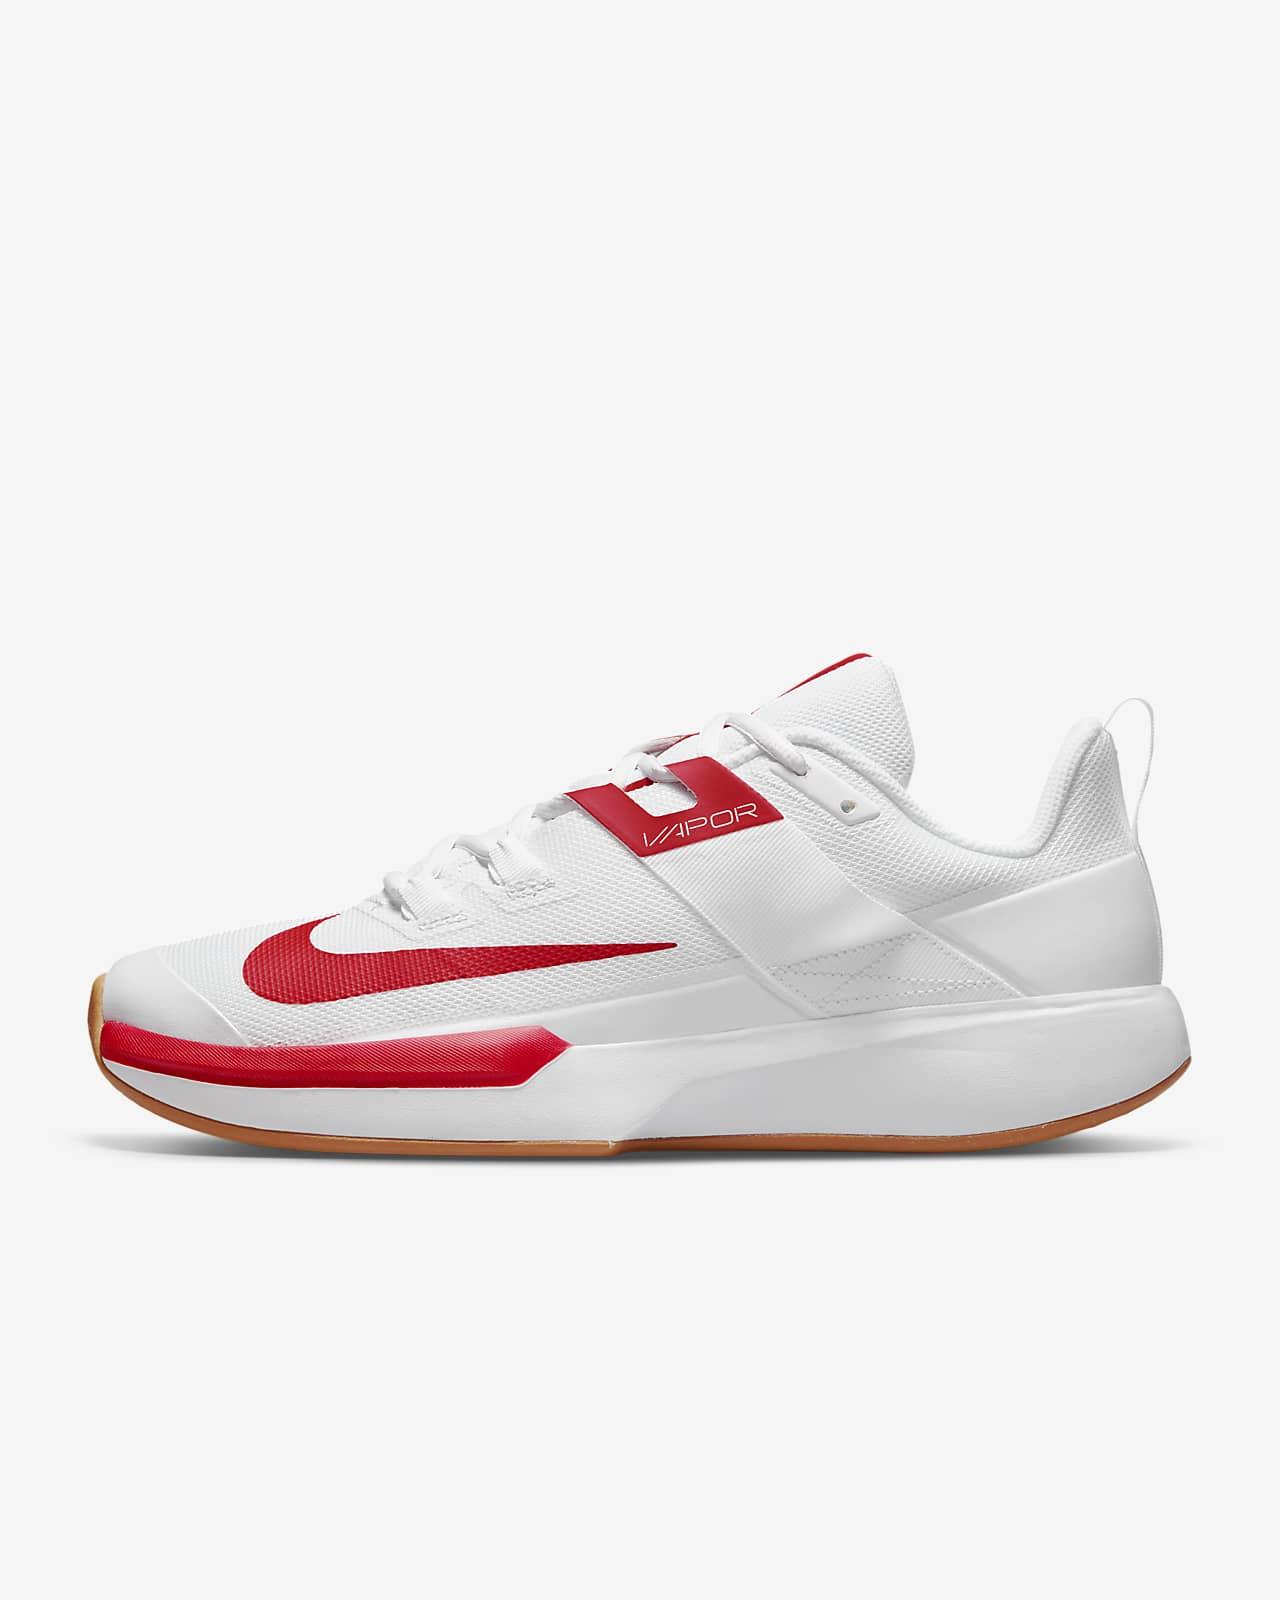 NikeCourt Vapor Lite tennissko for hardcourt til herre